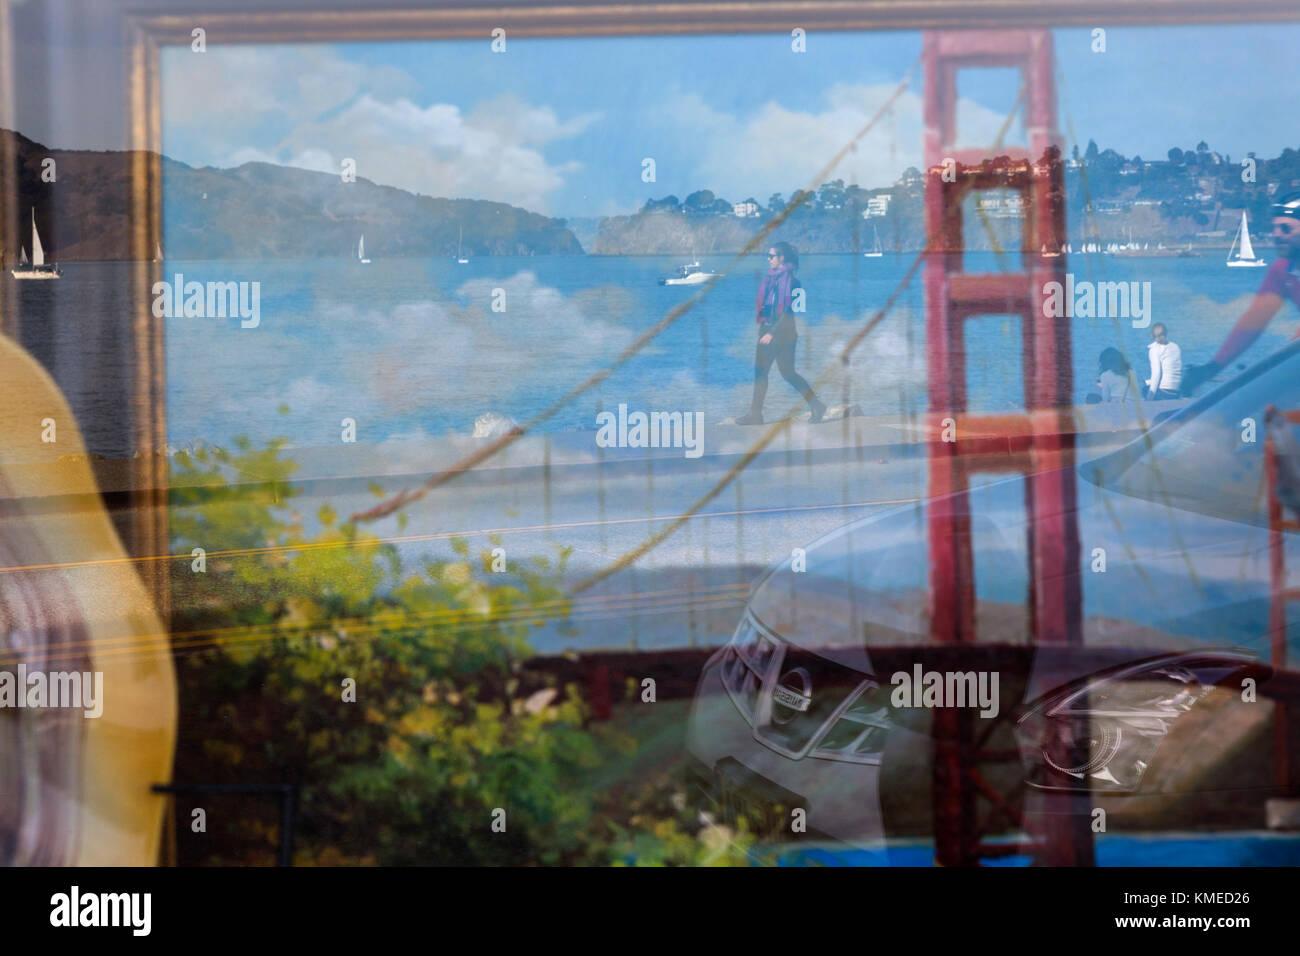 Reflexion der Golden Gate Bridge in Fenster, Sausalito, Kalifornien, USA Stockbild